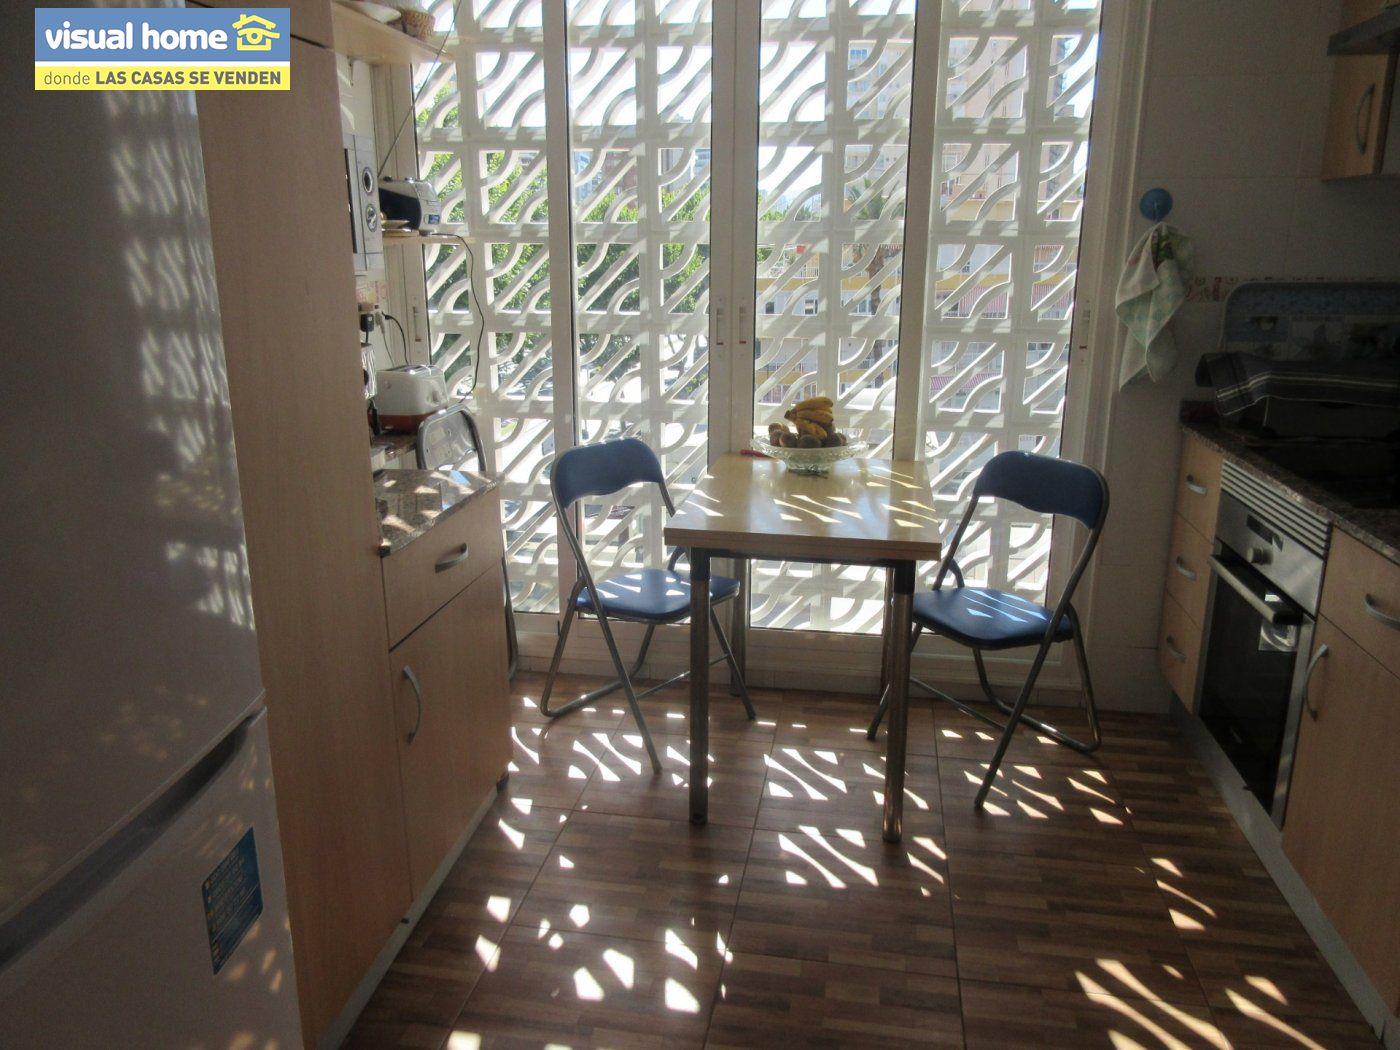 Apartamento todo exterior en Av/ Mediterráneo con garaje y piscina a 50 mts de la playa 10